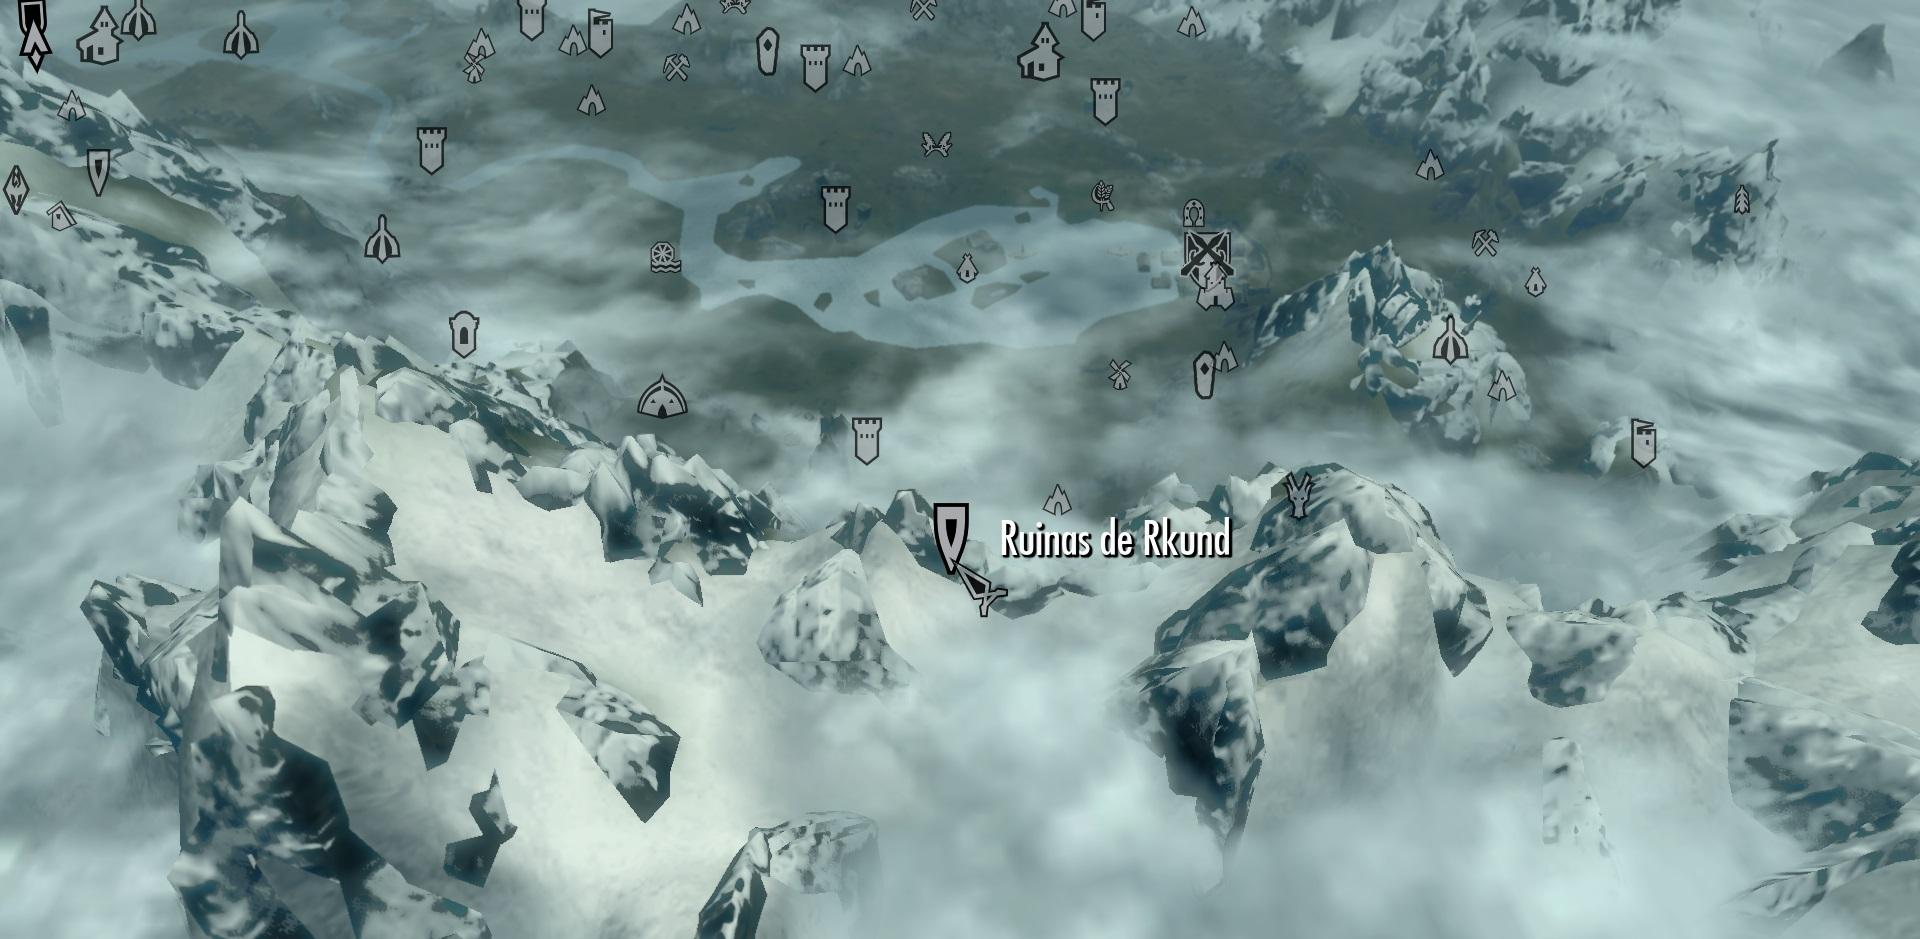 Ruinas de Rkund